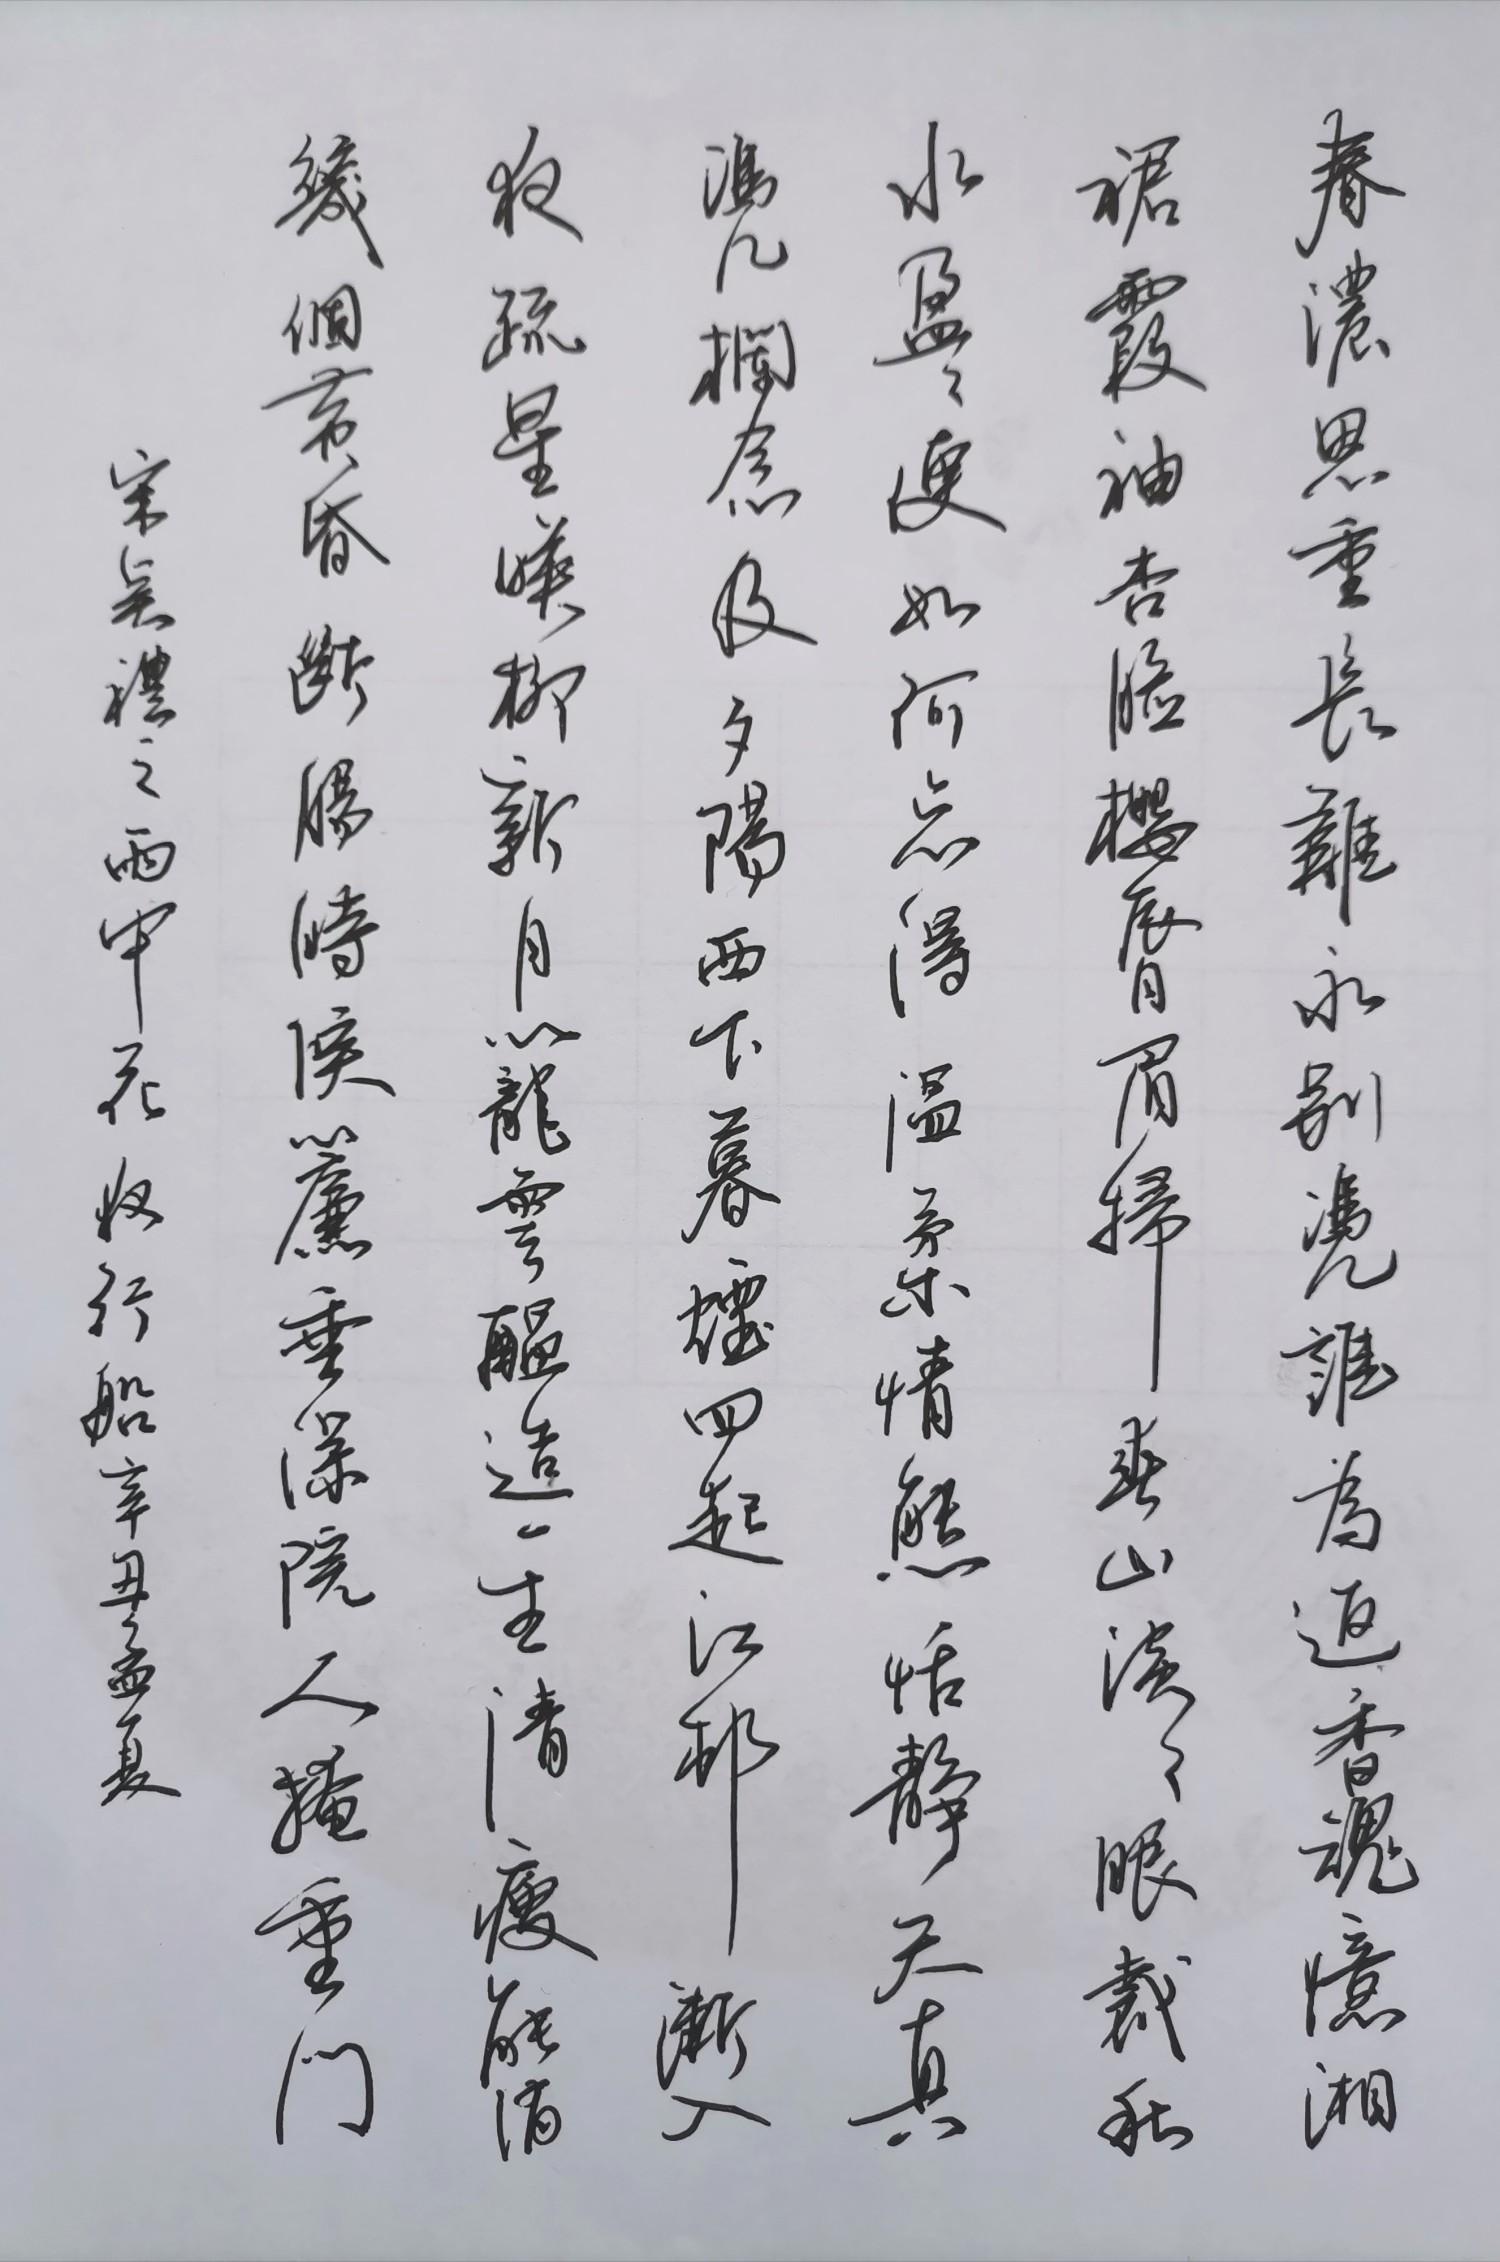 钢笔书法练字打卡20210518-07